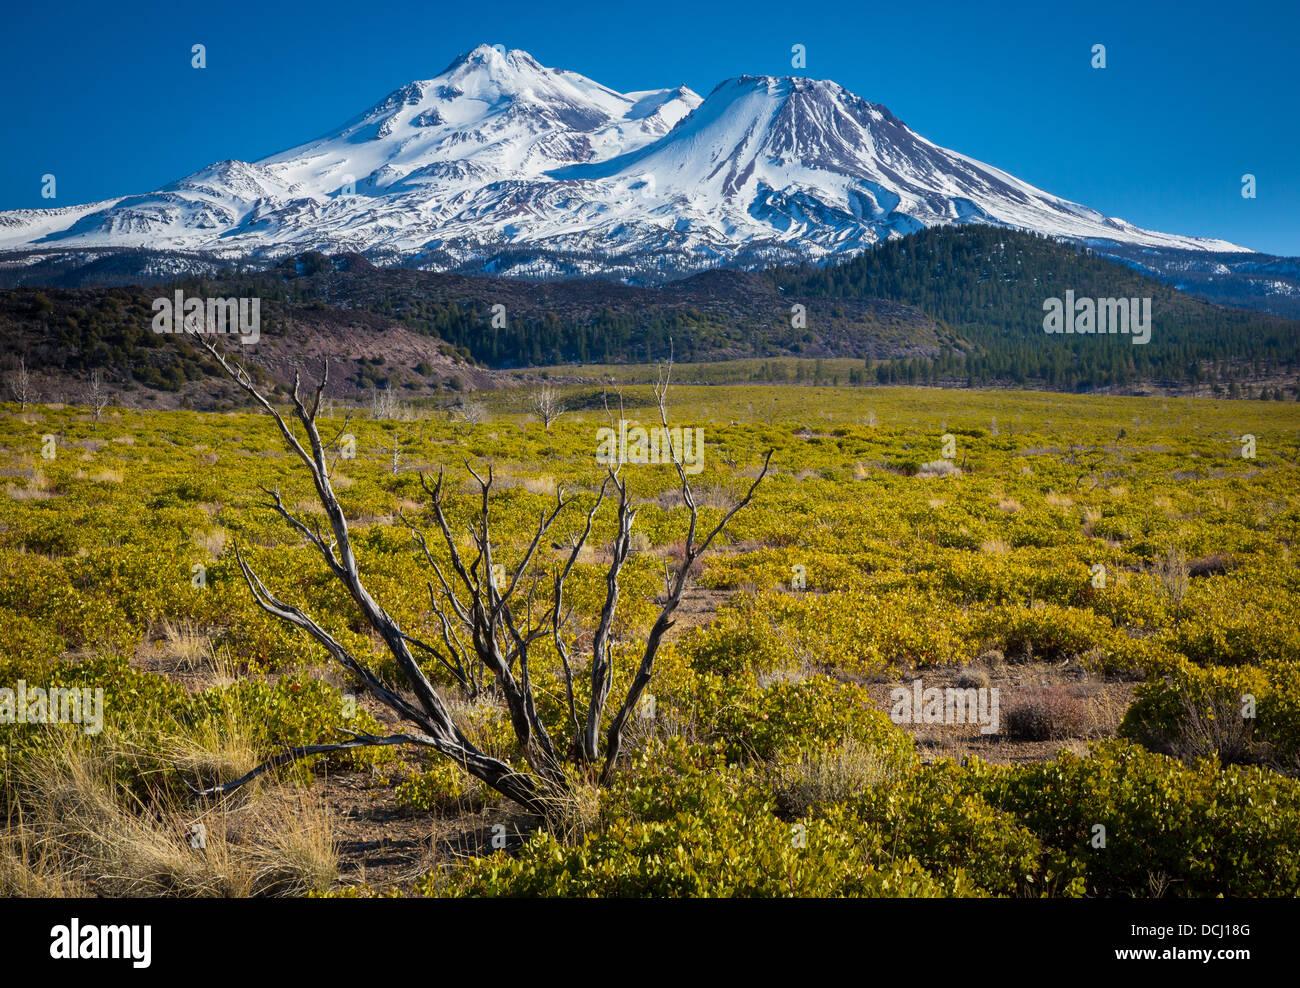 Monte Shasta está situado en el extremo sur de la cordillera Cascade en Siskiyou County, California Imagen De Stock